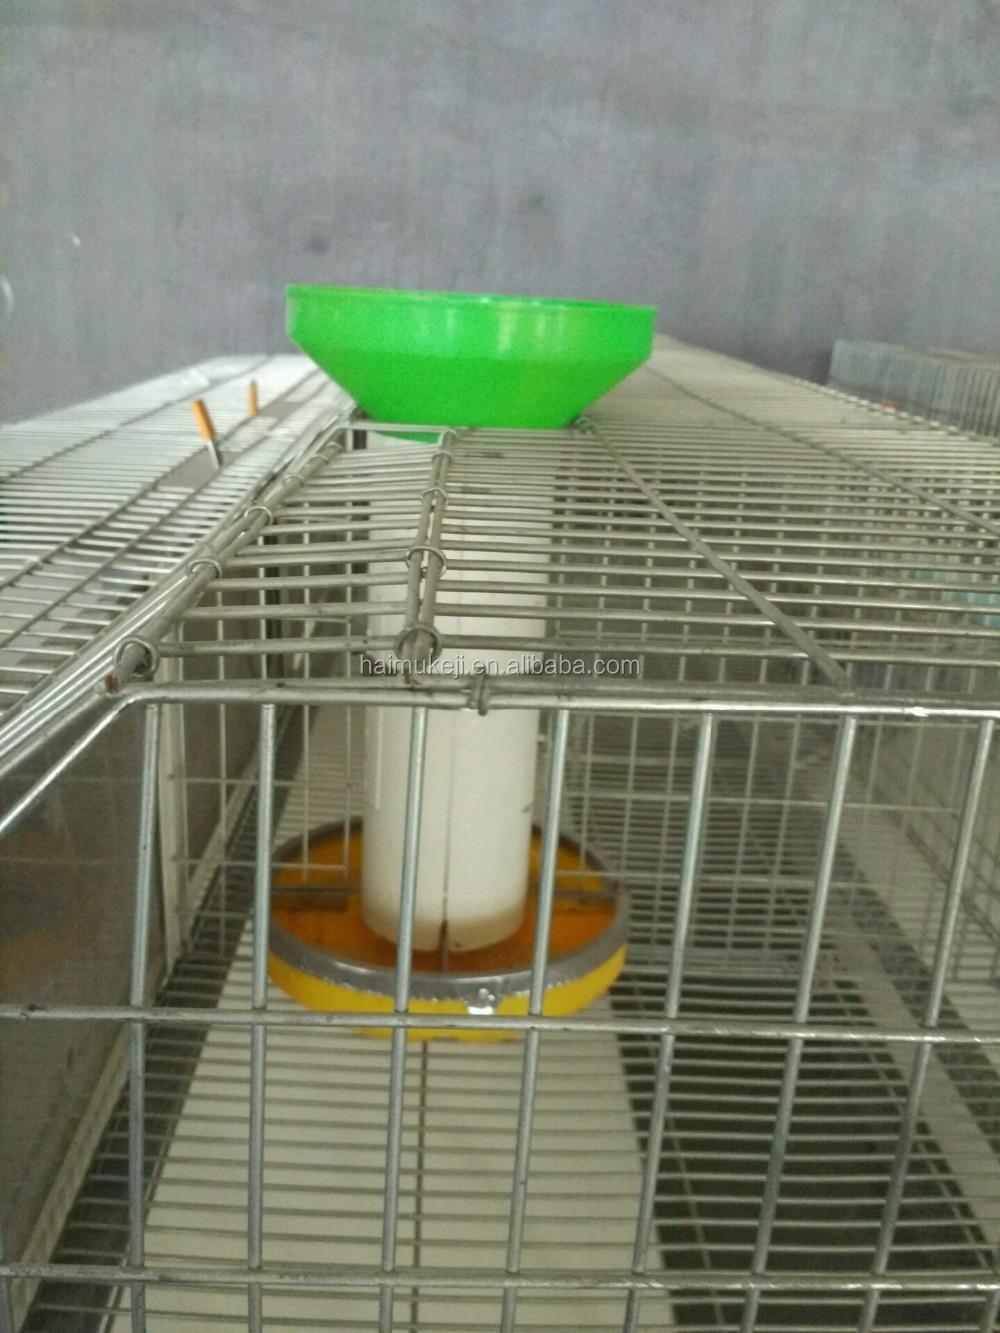 Großhandel Automatische Zucht Kaninchen Käfig/hutch Made In China ...